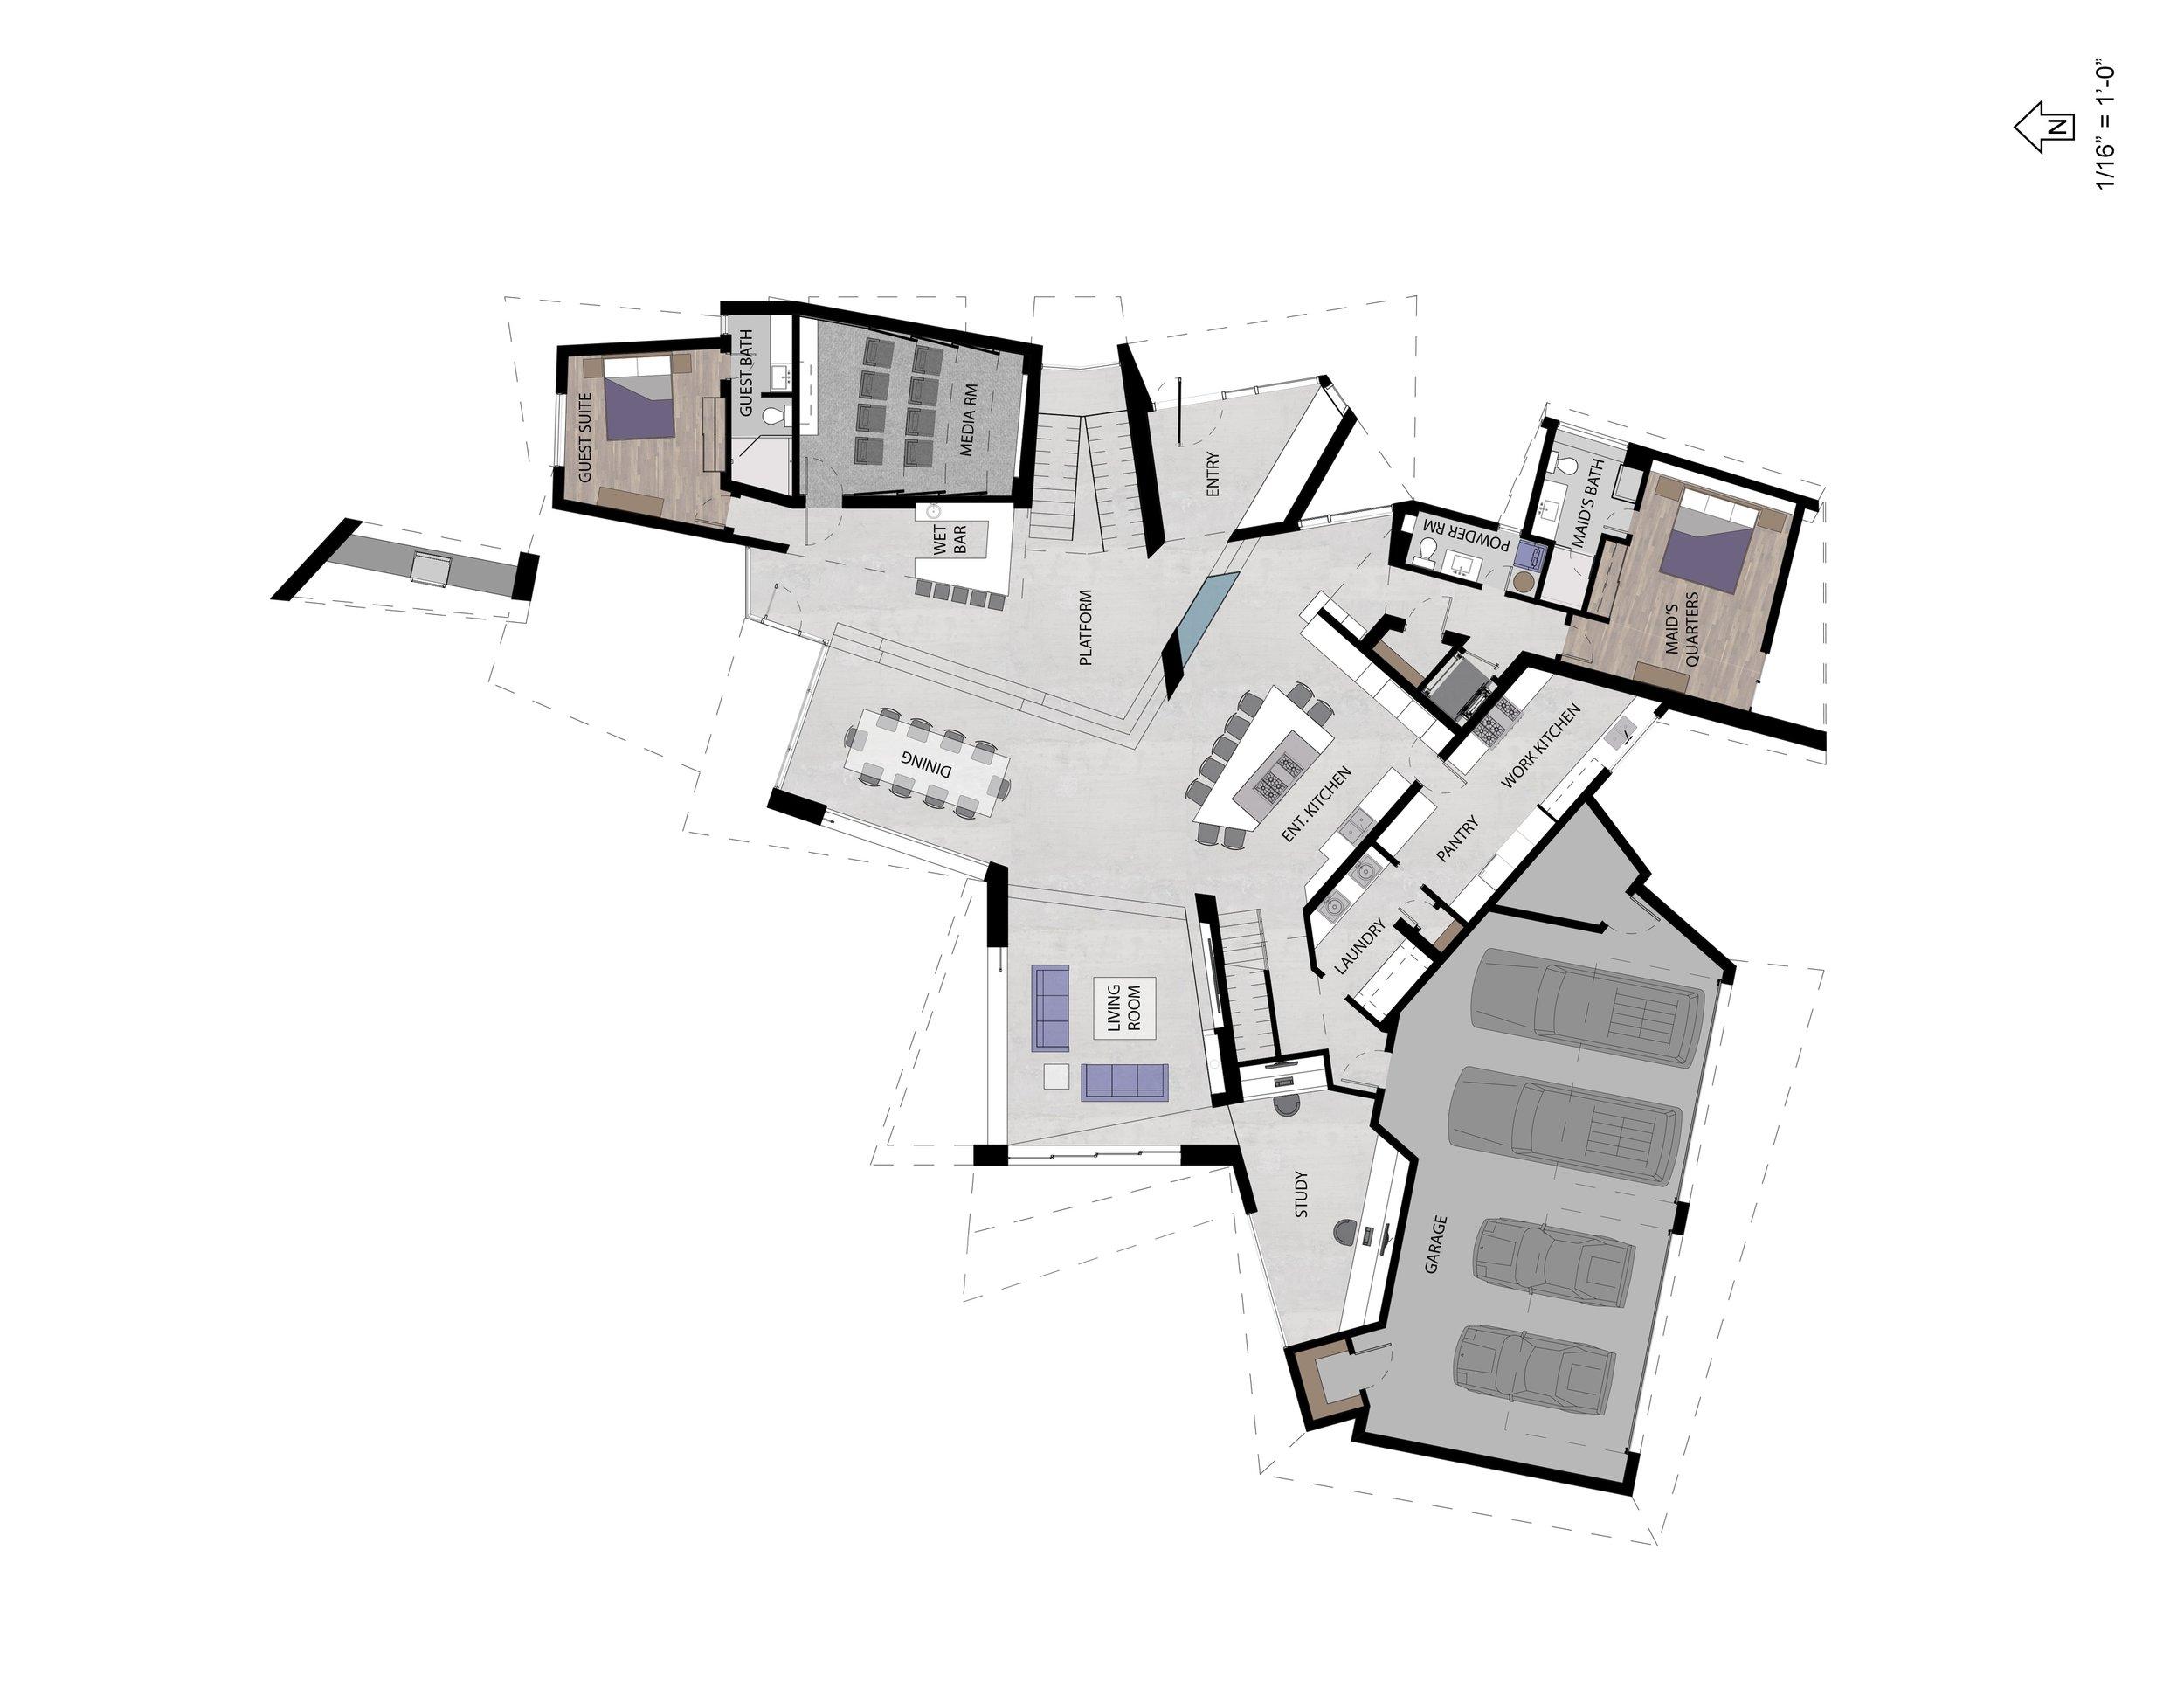 scaled-L1_plan.jpg